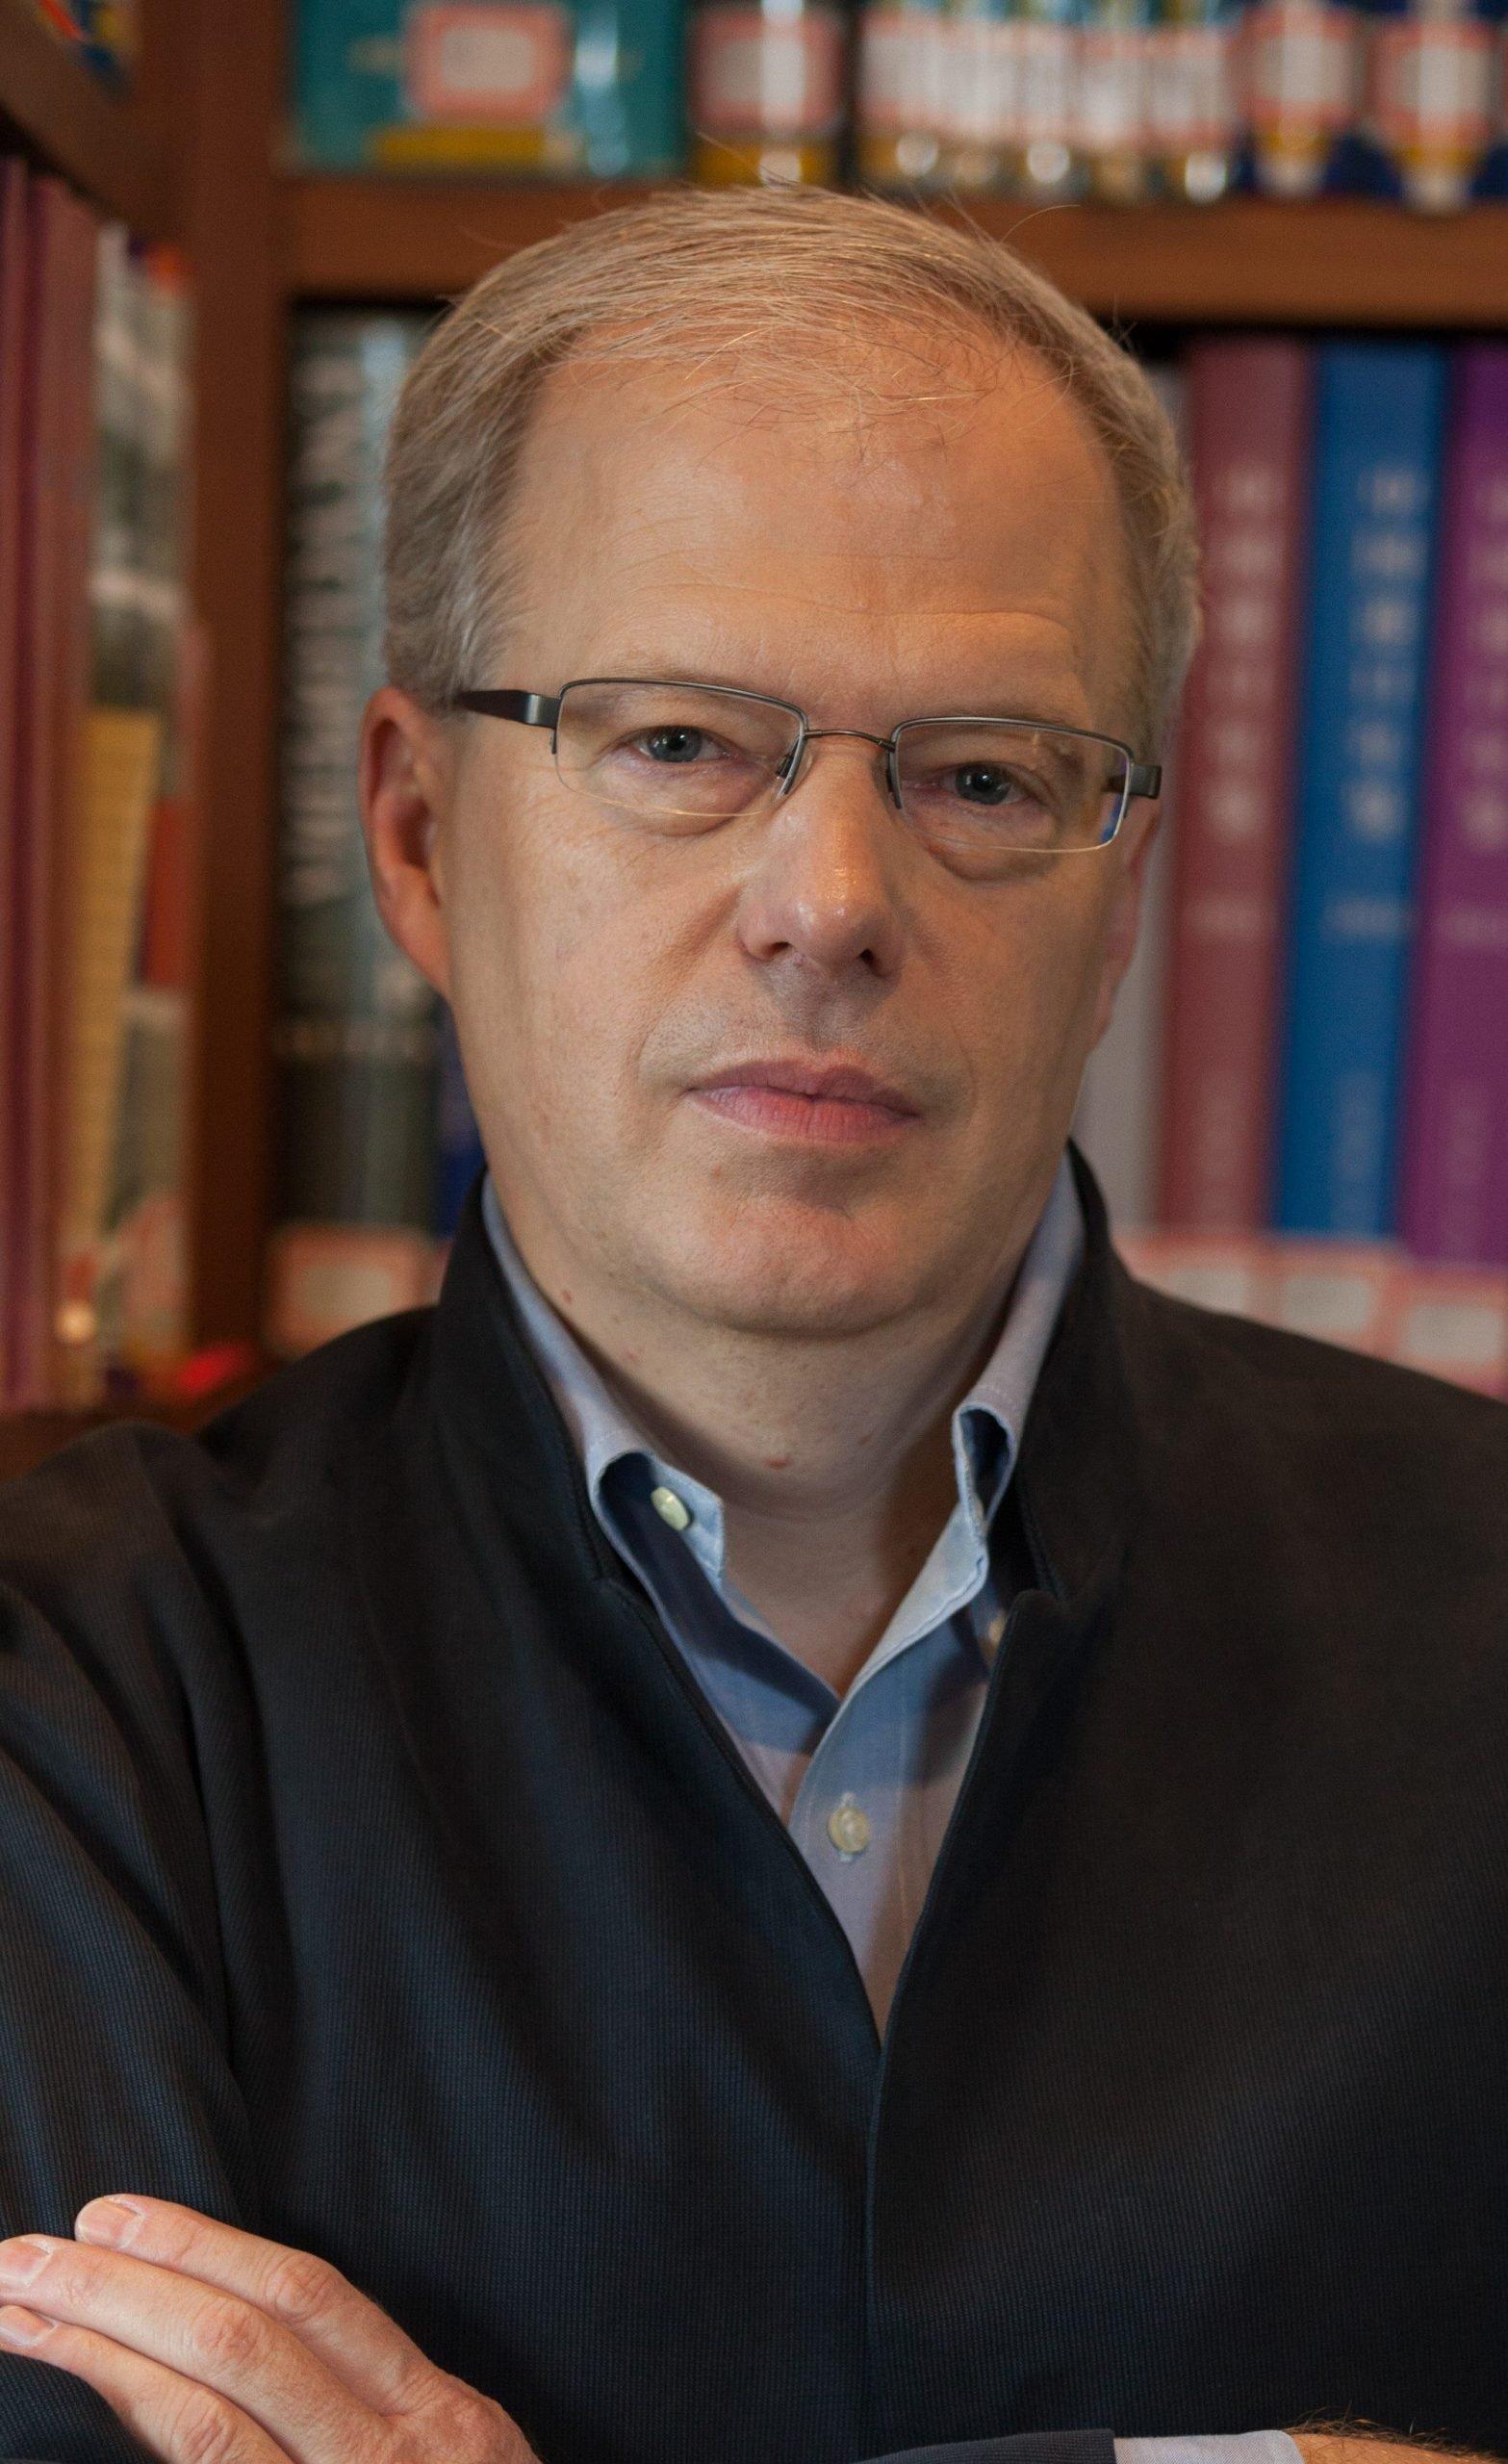 Jeff Sampler